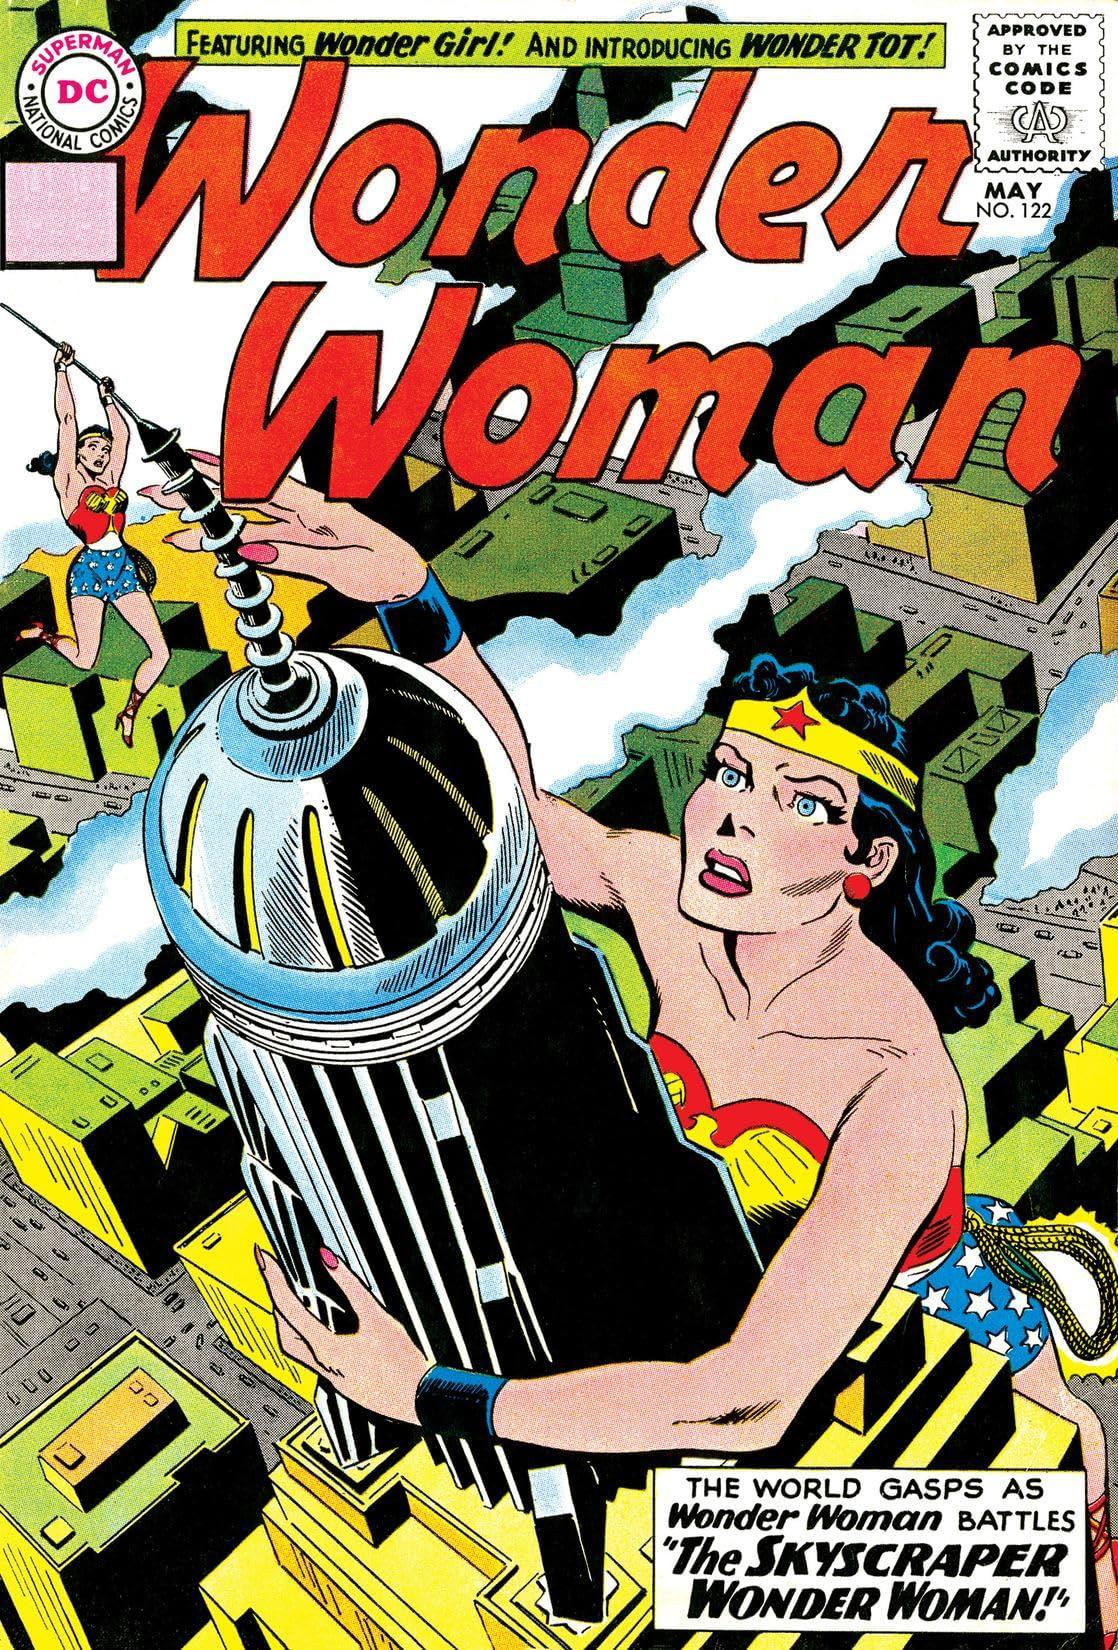 Wonder Woman (1942-1986) #122